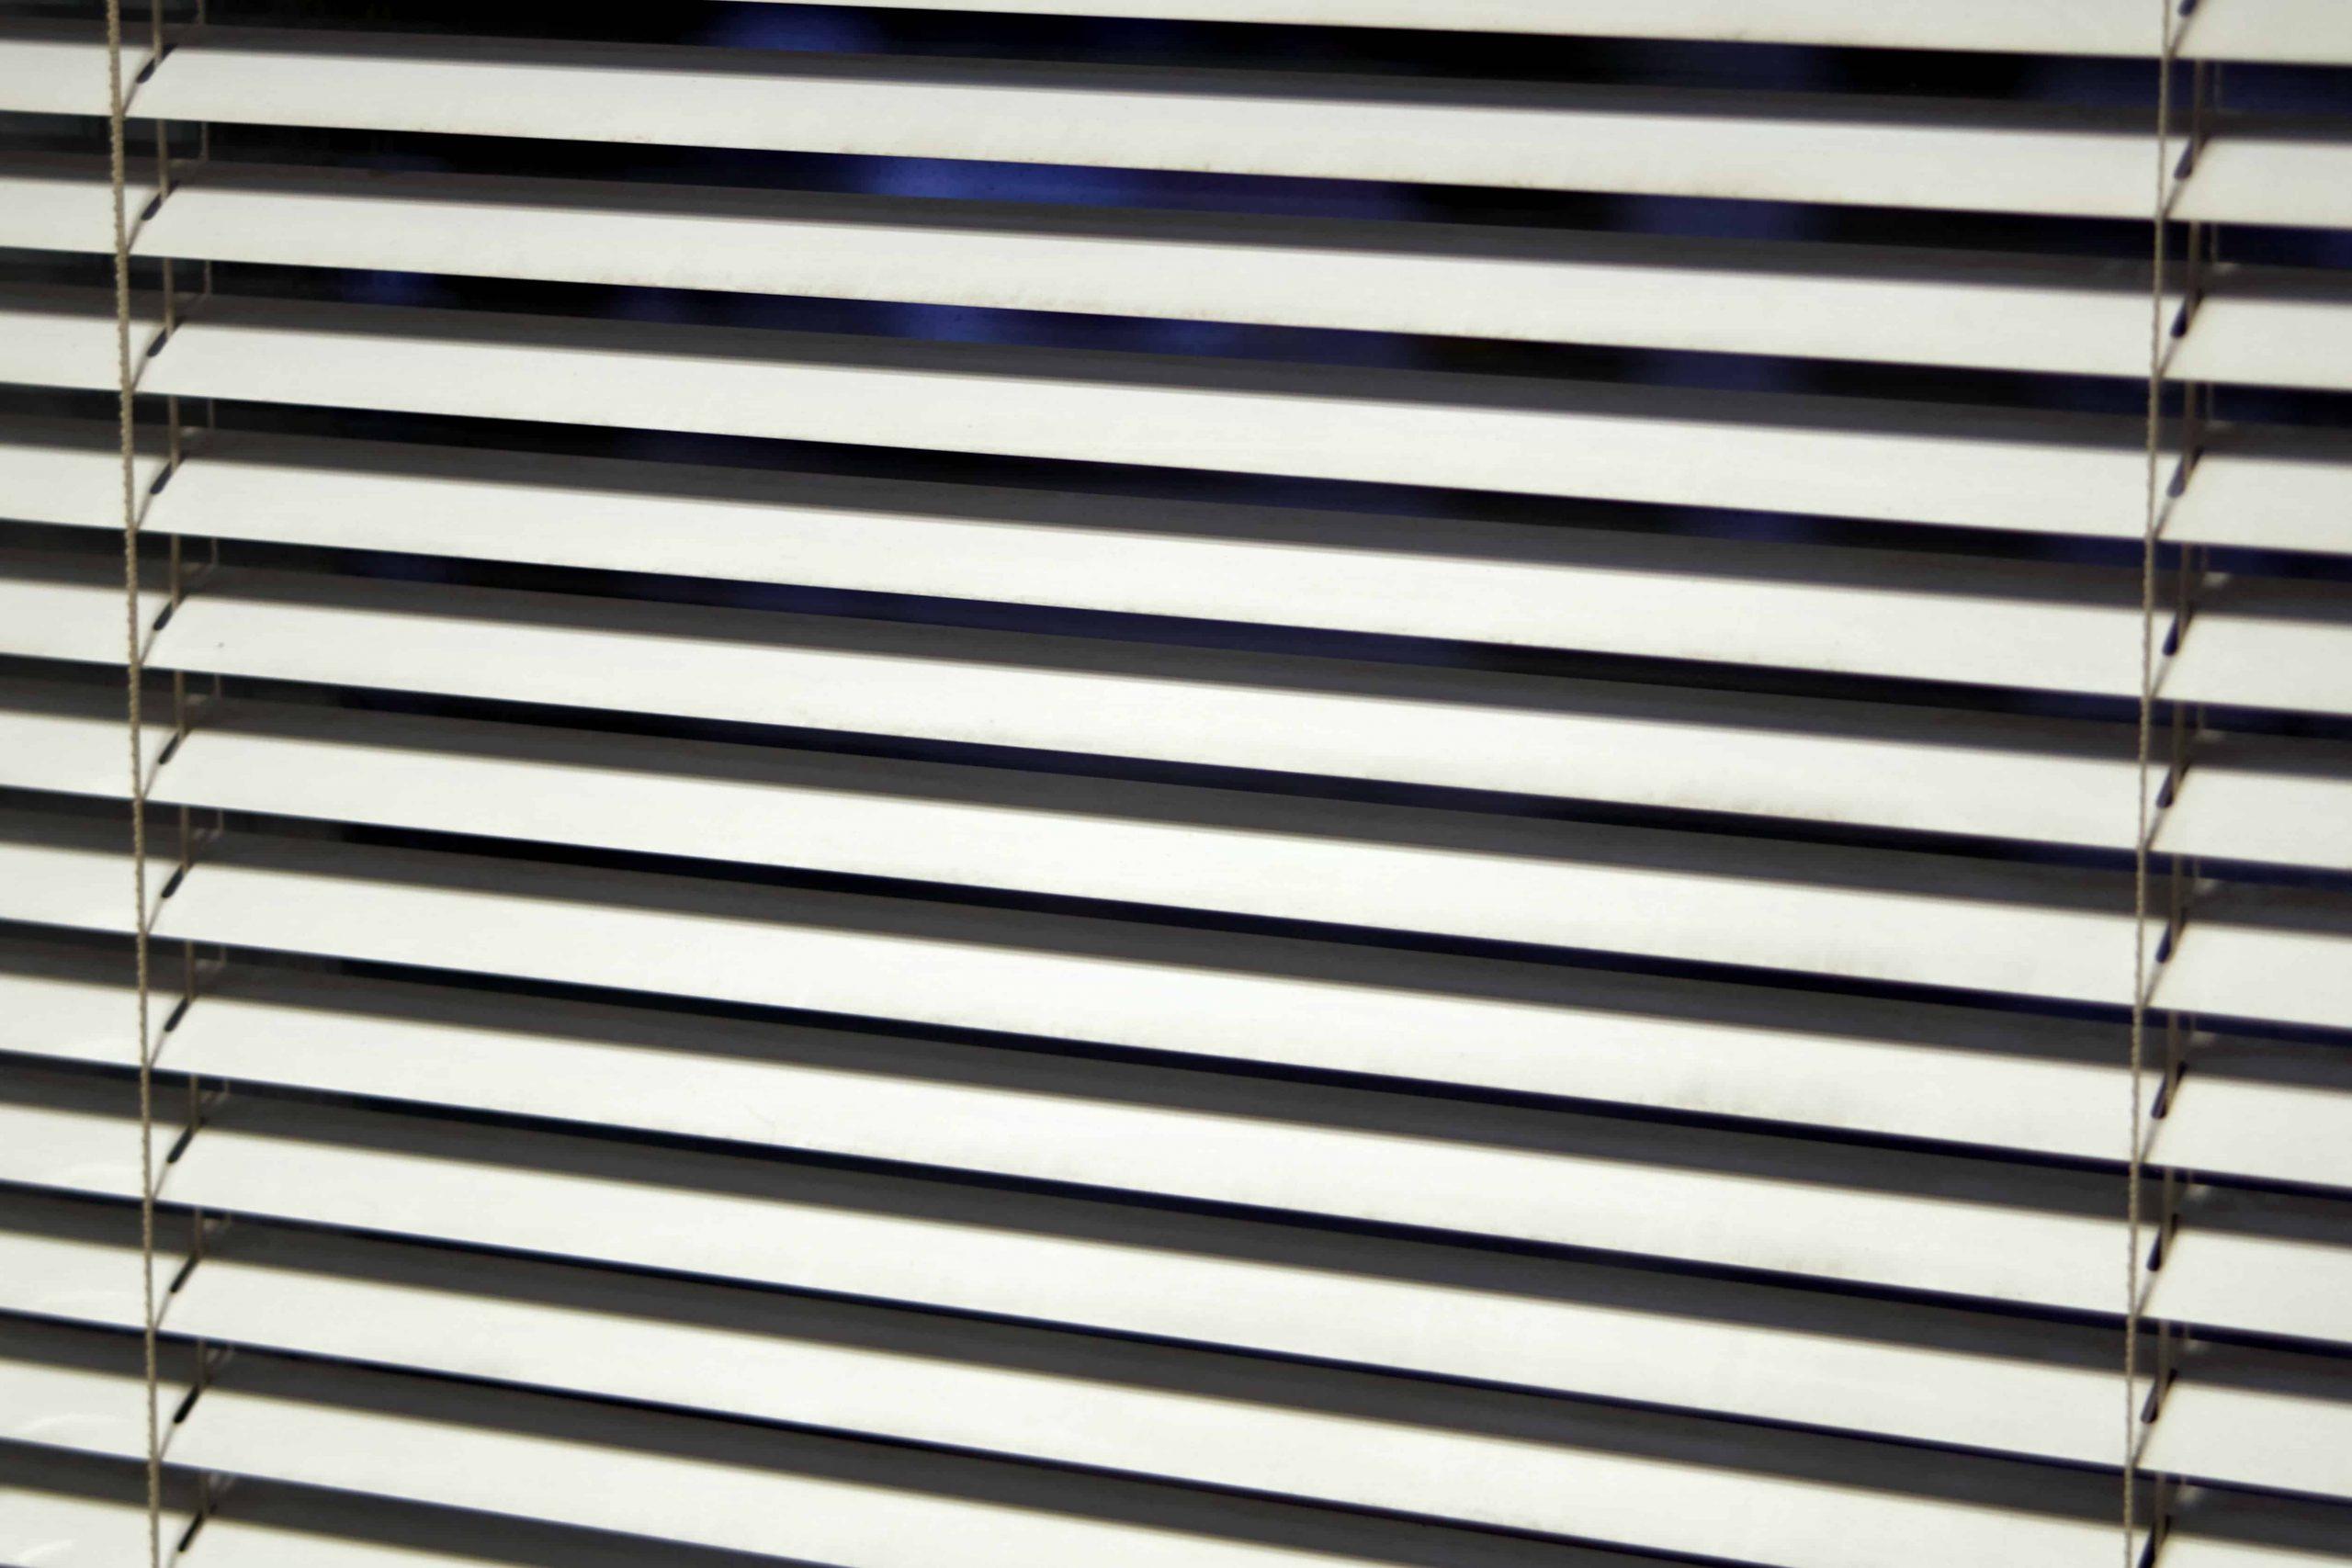 Full Size of Jalousie Test Empfehlungen 05 20 Gartenbook Fenster Günstig Kaufen Austauschen Fliegennetz Winkhaus Insektenschutzrollo Einbruchsicherung Neue Einbauen Wohnzimmer Sonnenschutz Fenster Außen Klemmen